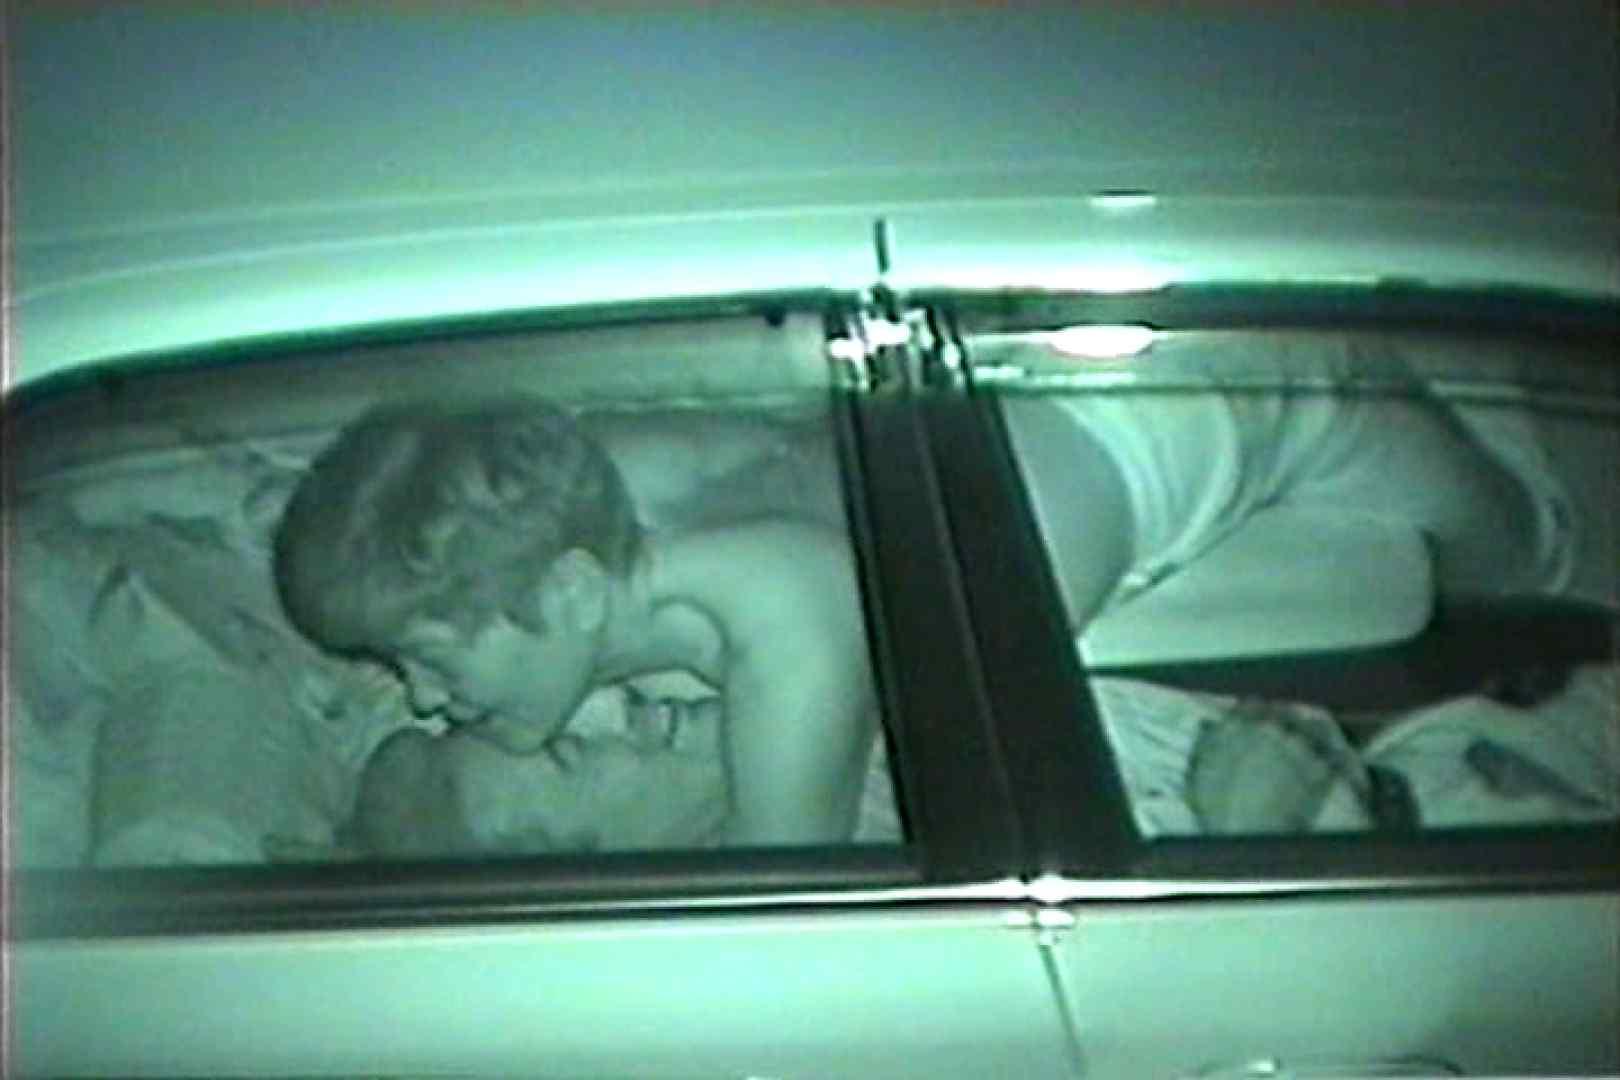 車の中はラブホテル 無修正版  Vol.28 車 おめこ無修正動画無料 99pic 69